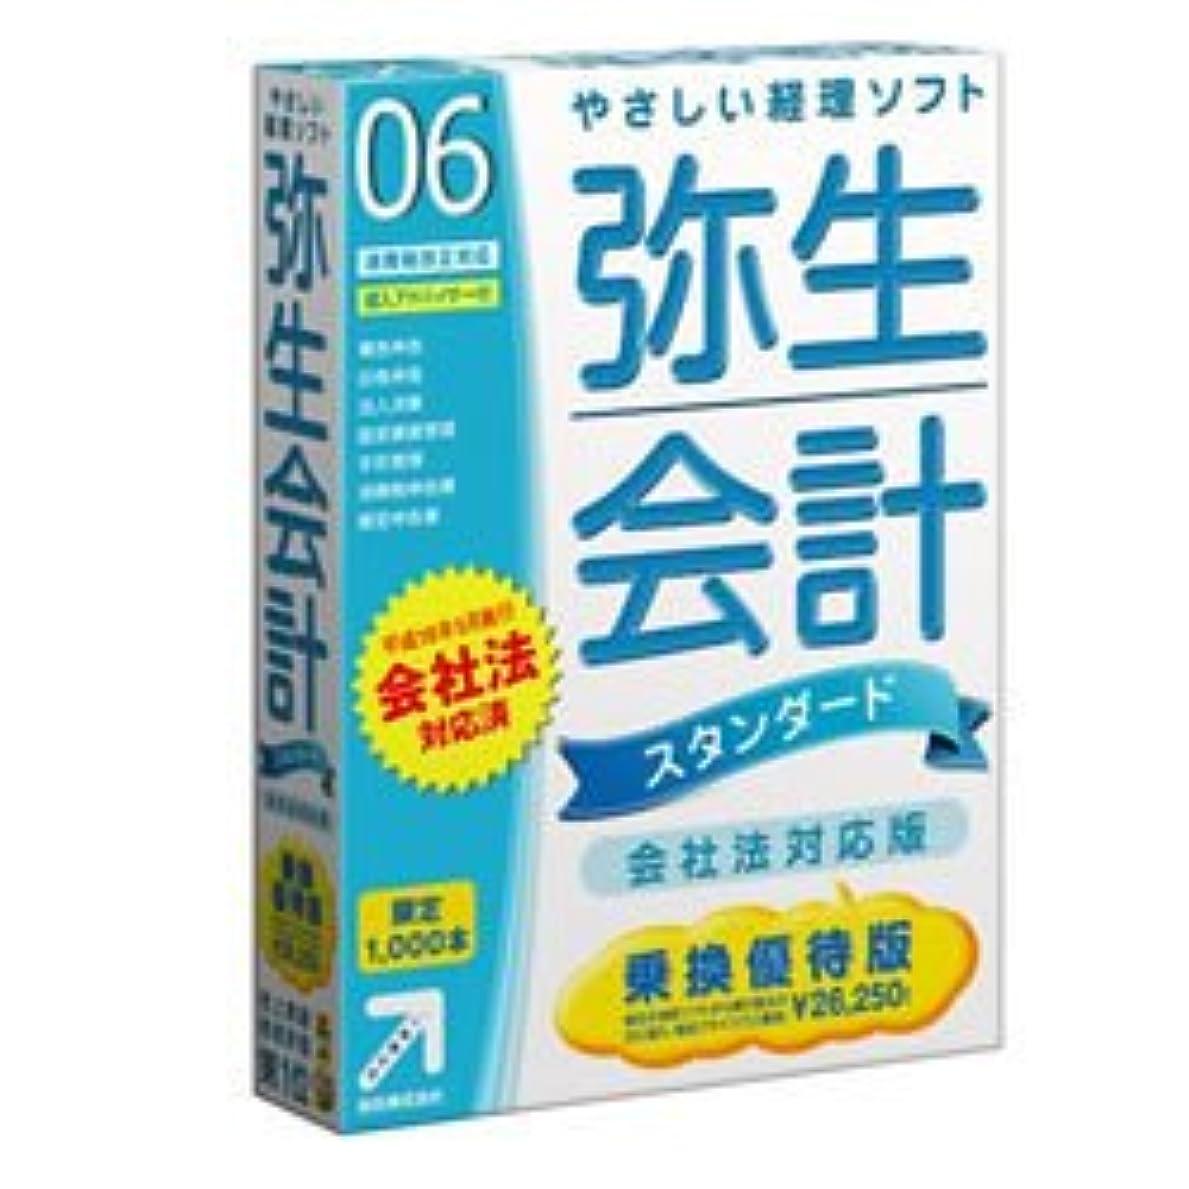 トイレ流ミス【旧商品】弥生会計 スタンダード 06 会社法対応版 乗換優待版